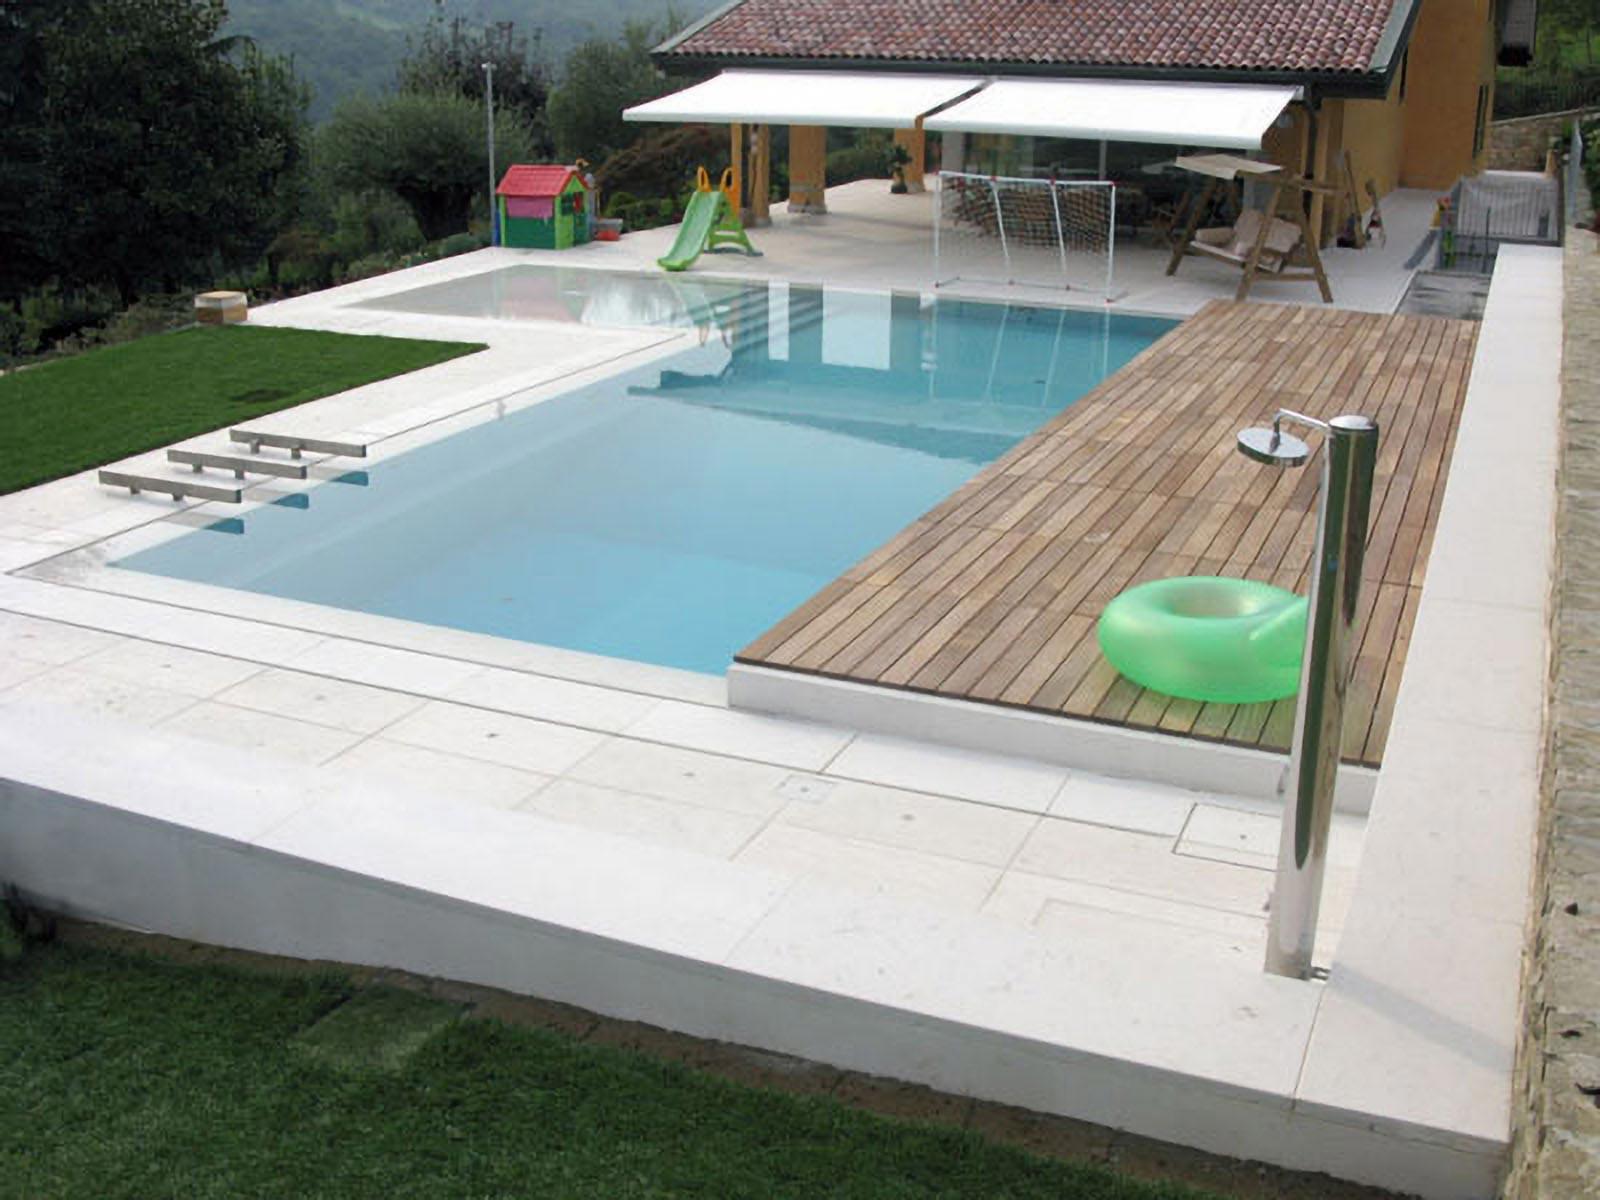 [08] Un elegante piscina a sfioro - abitazioni, piscine, pietra della lessinia, pietra della lessinia bianca, lastricato, scale